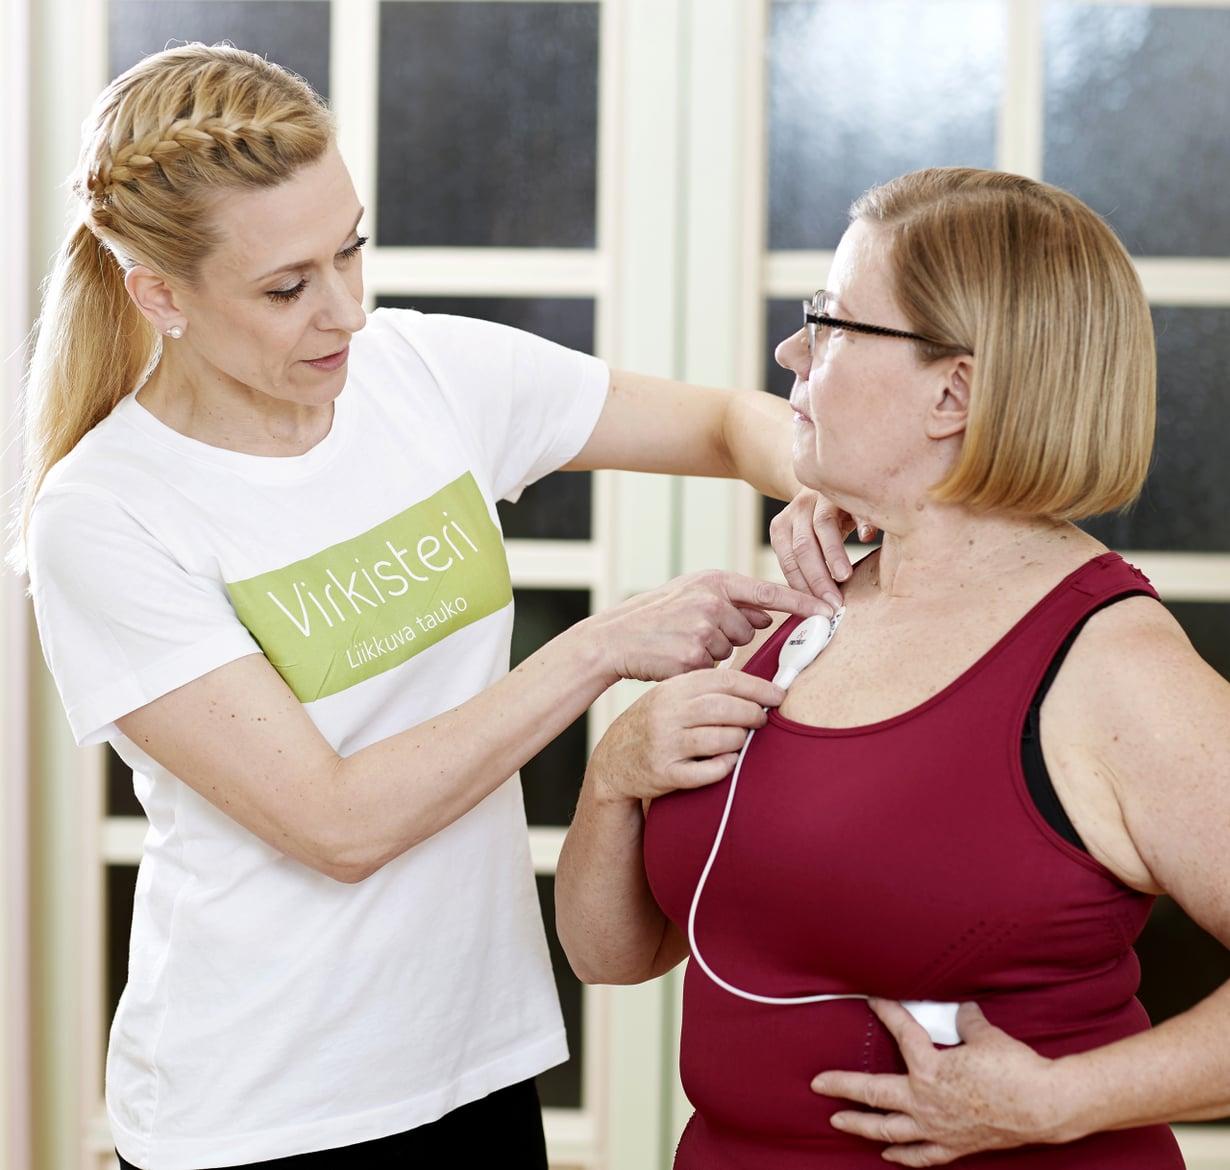 Työfysioterapeutti Riikka Ilmivalta asentaa Pialle Firstbeat-mittarin.